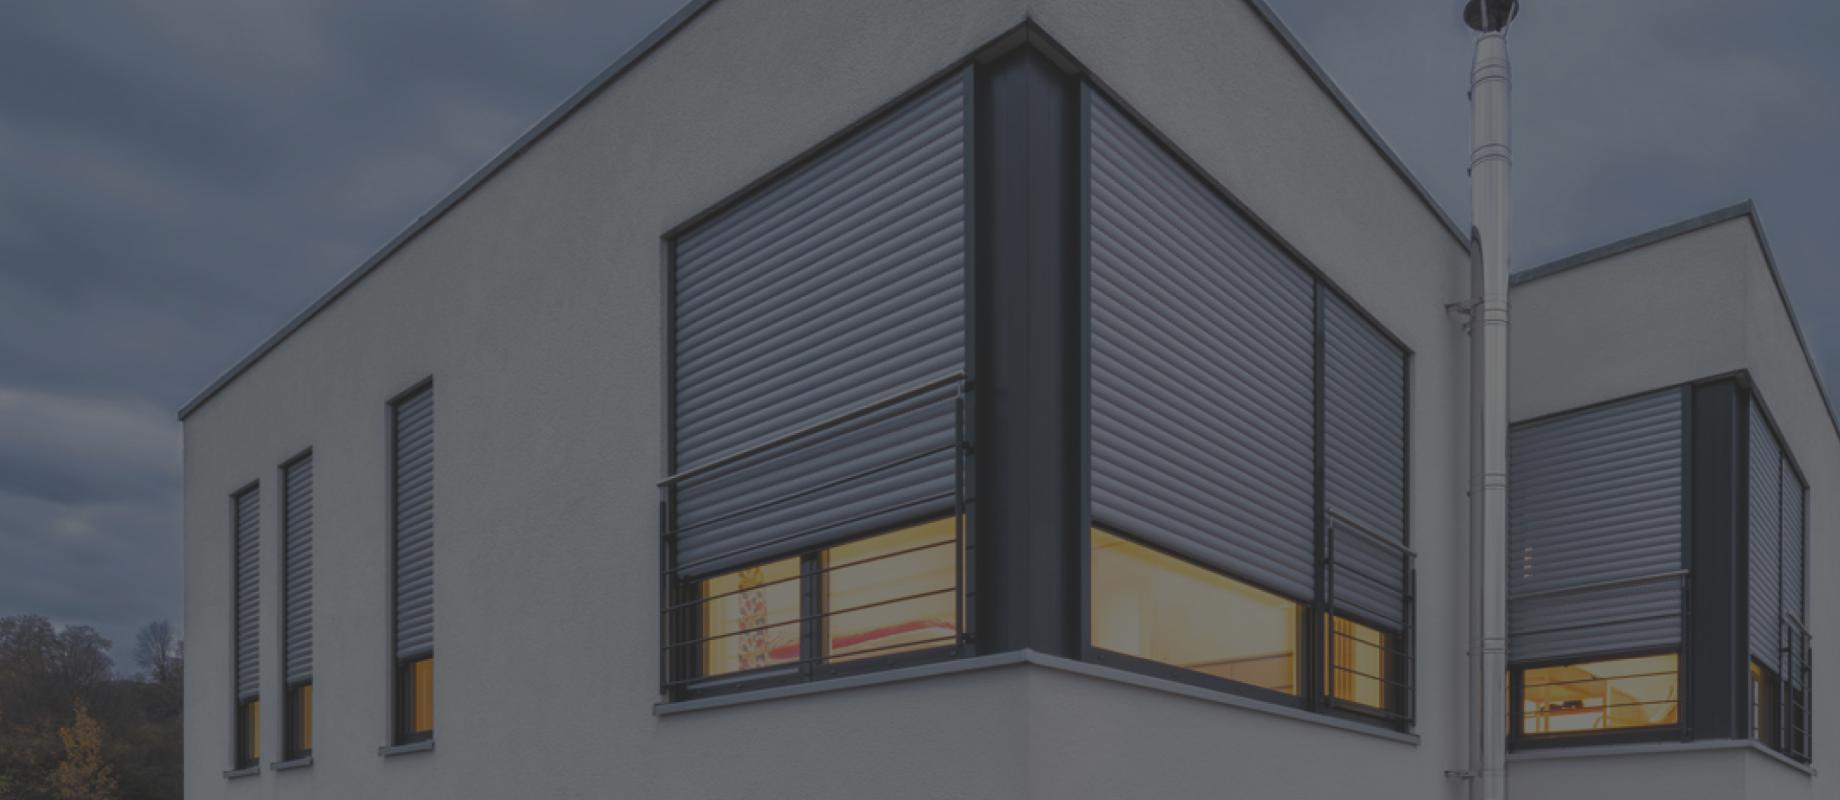 Full Size of Meeth Fenster Kbe Drutex 3 Fach Verglasung Abdichten Köln Kunststoff Holz Alu Online Konfigurieren Plissee Pvc Dampfreiniger Rolladen Konfigurator Fenster Fenster Rolladen